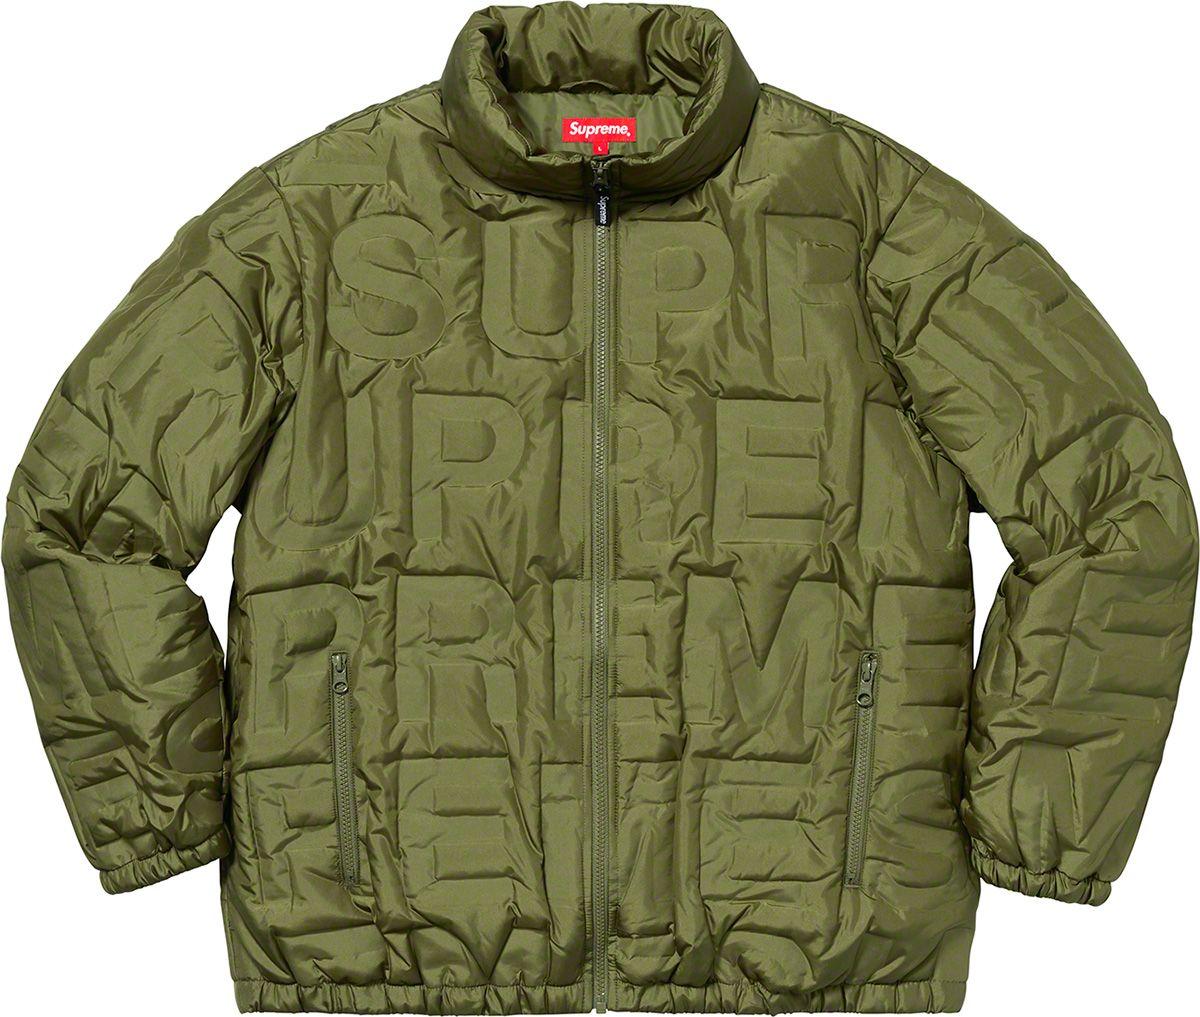 Supreme Bonded Logo Puffy Jacket Puffy Jacket Jackets Bomber Jacket [ 1017 x 1200 Pixel ]